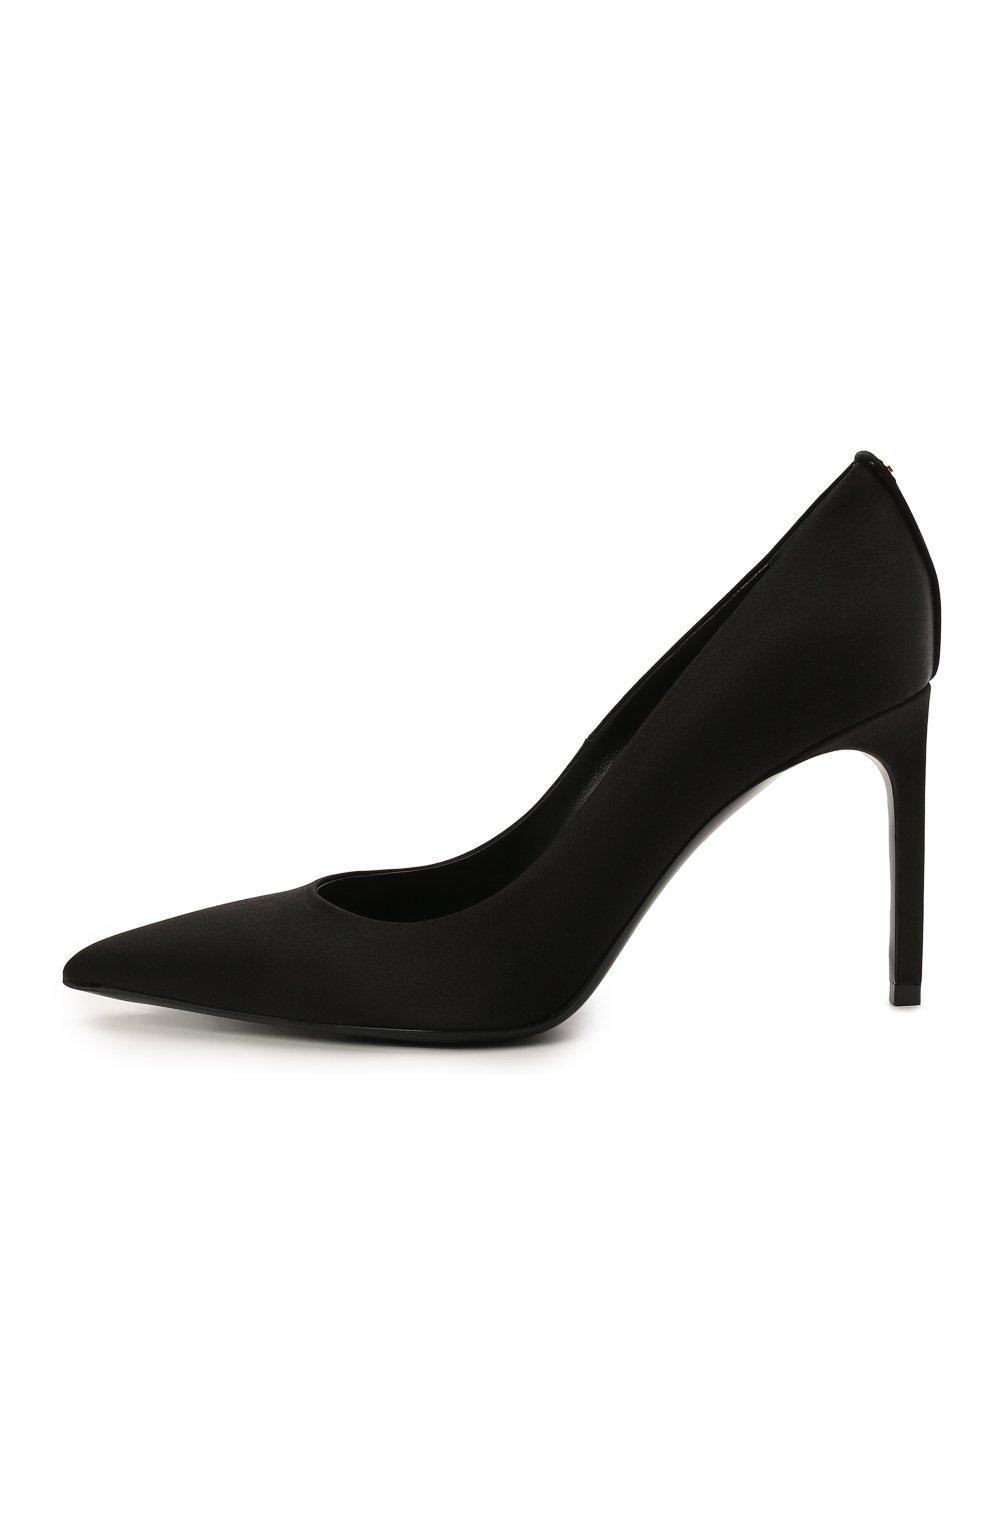 Женские текстильные туфли t-screw TOM FORD черного цвета, арт. W2326T-STA   Фото 3 (Материал внешний: Текстиль; Каблук высота: Высокий, Средний; Материал внутренний: Натуральная кожа; Каблук тип: Шпилька; Подошва: Плоская)